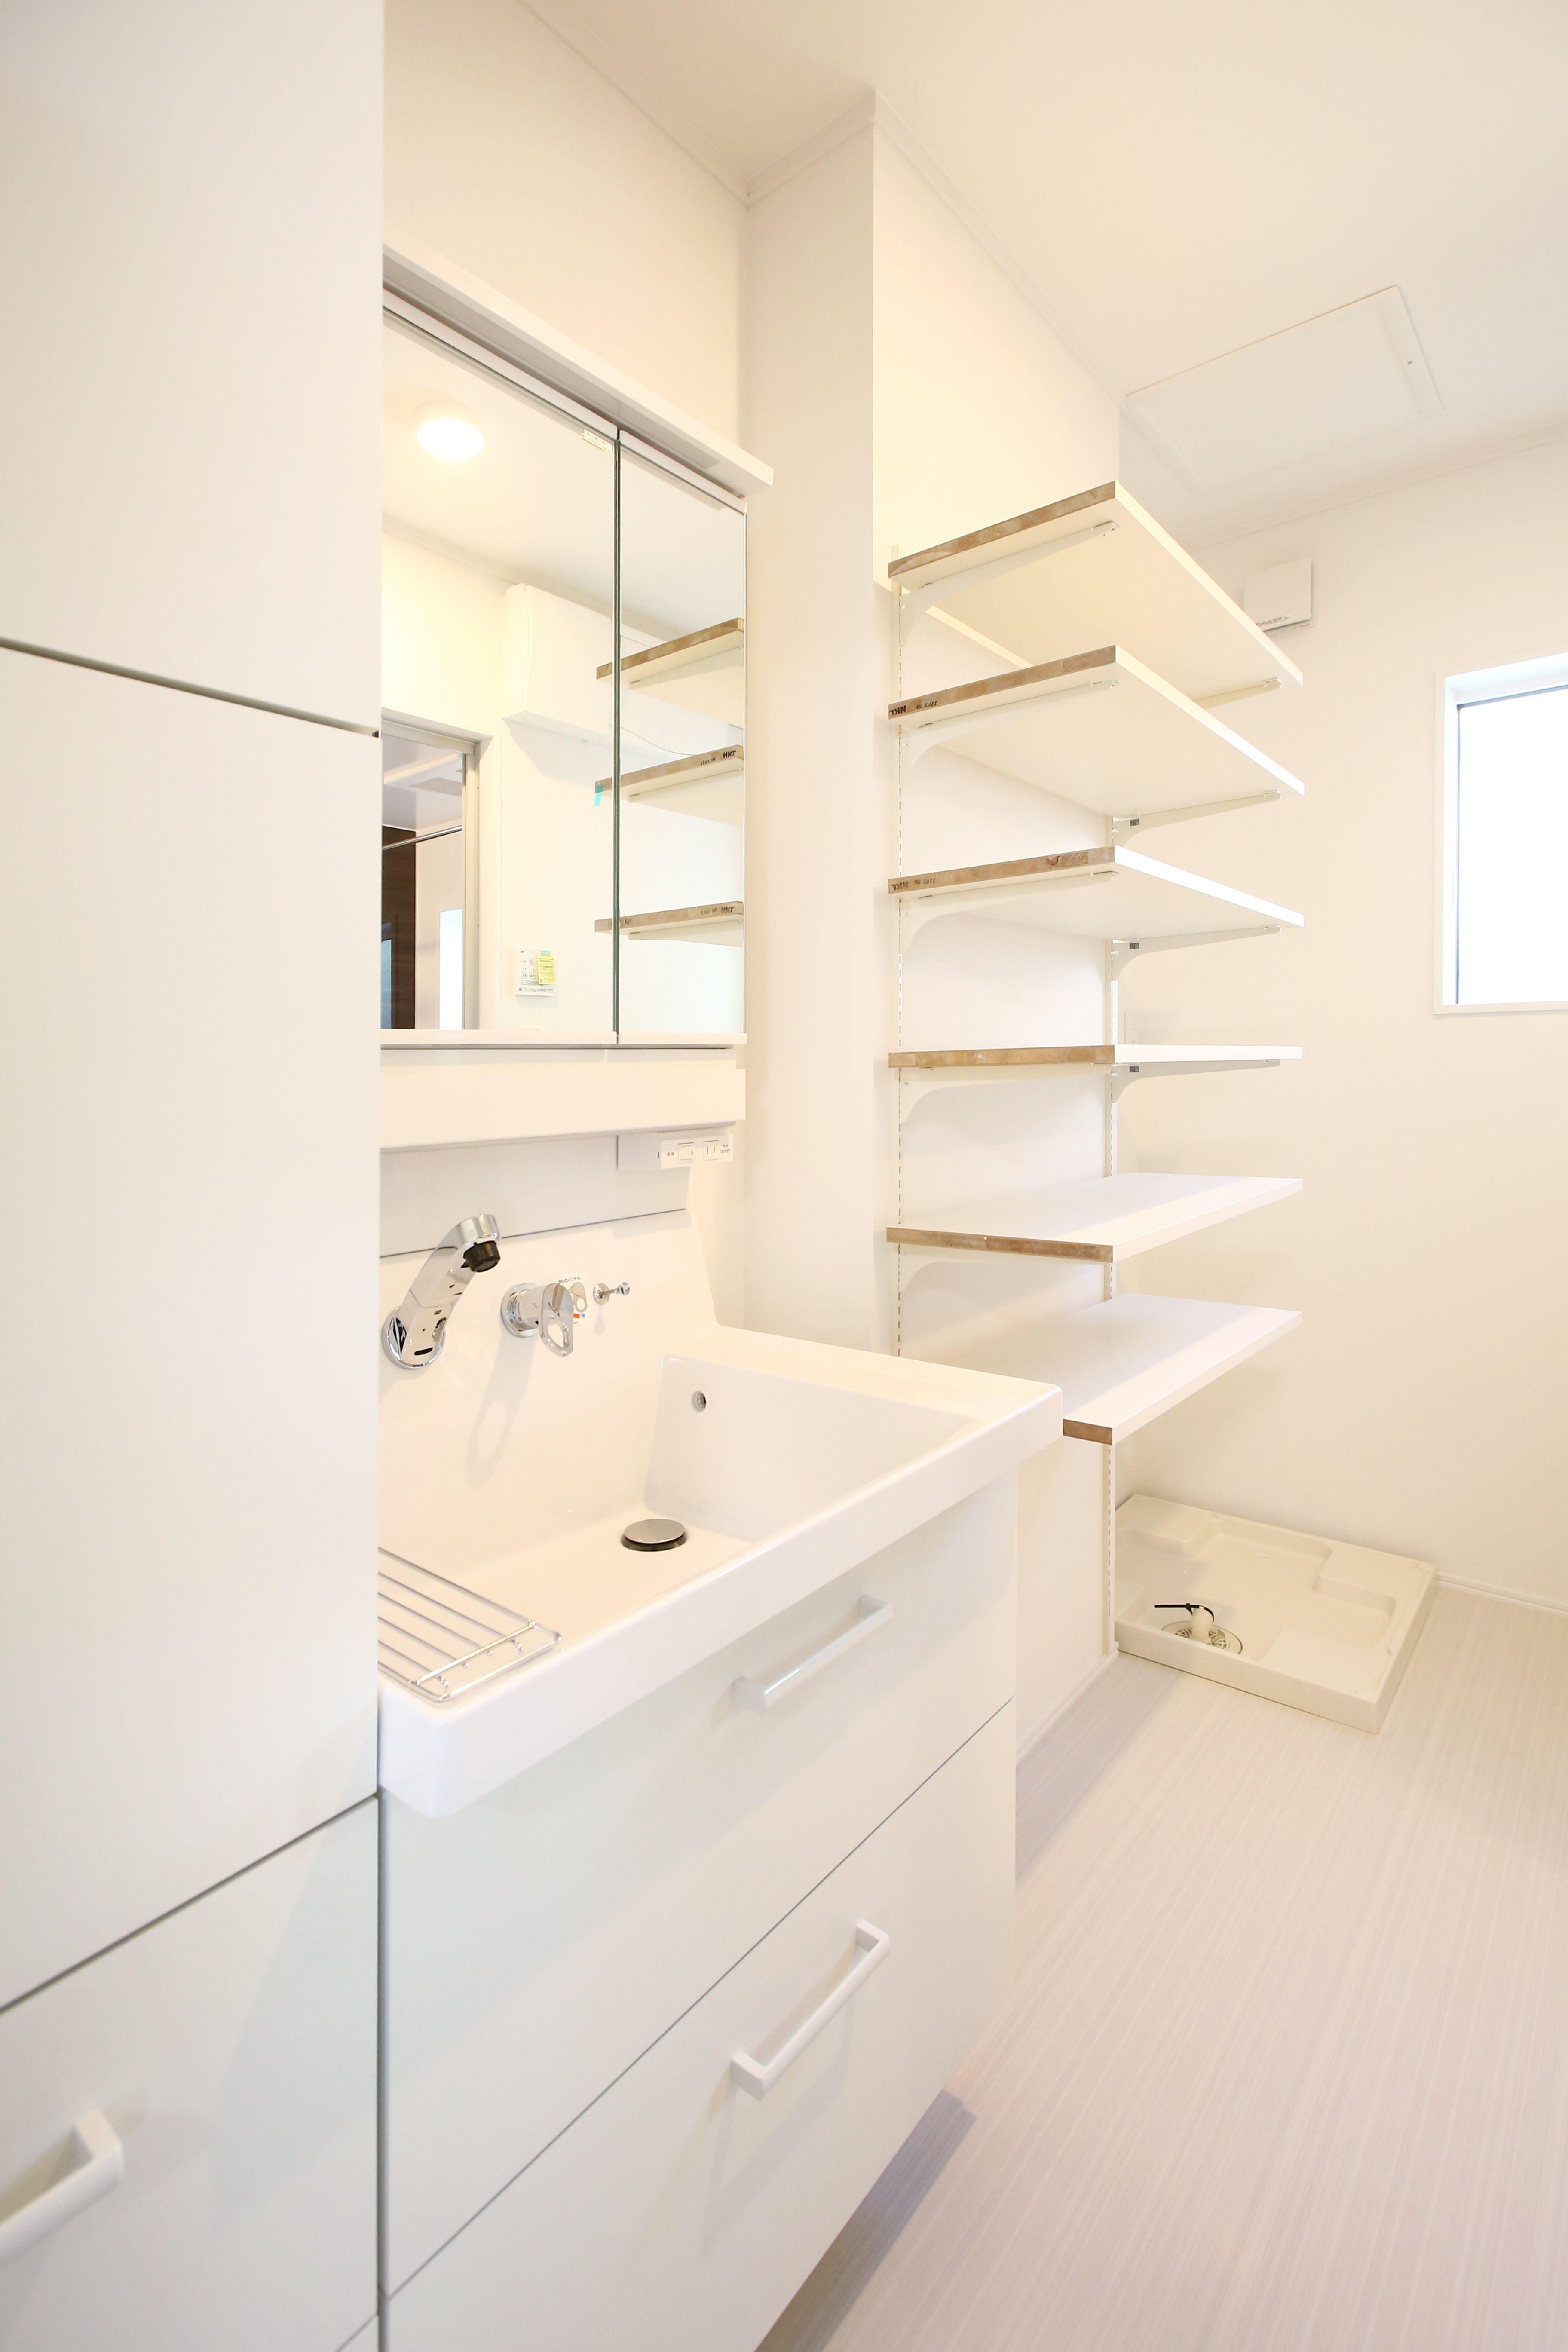 隠す収納と見せる収納を使い分けられる収納充実の洗面所 2020 ピアラ リビング インテリア キッチン 収納 タカラスタンダード